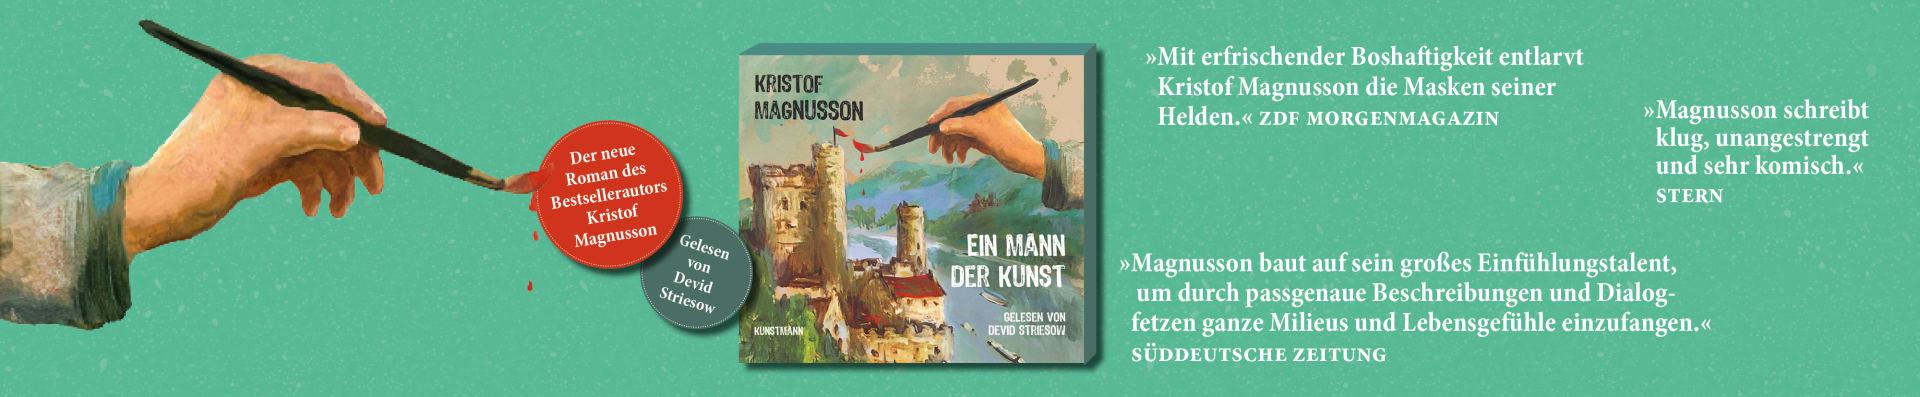 Magnusson – Ein Mann der Kunst Hörbuch